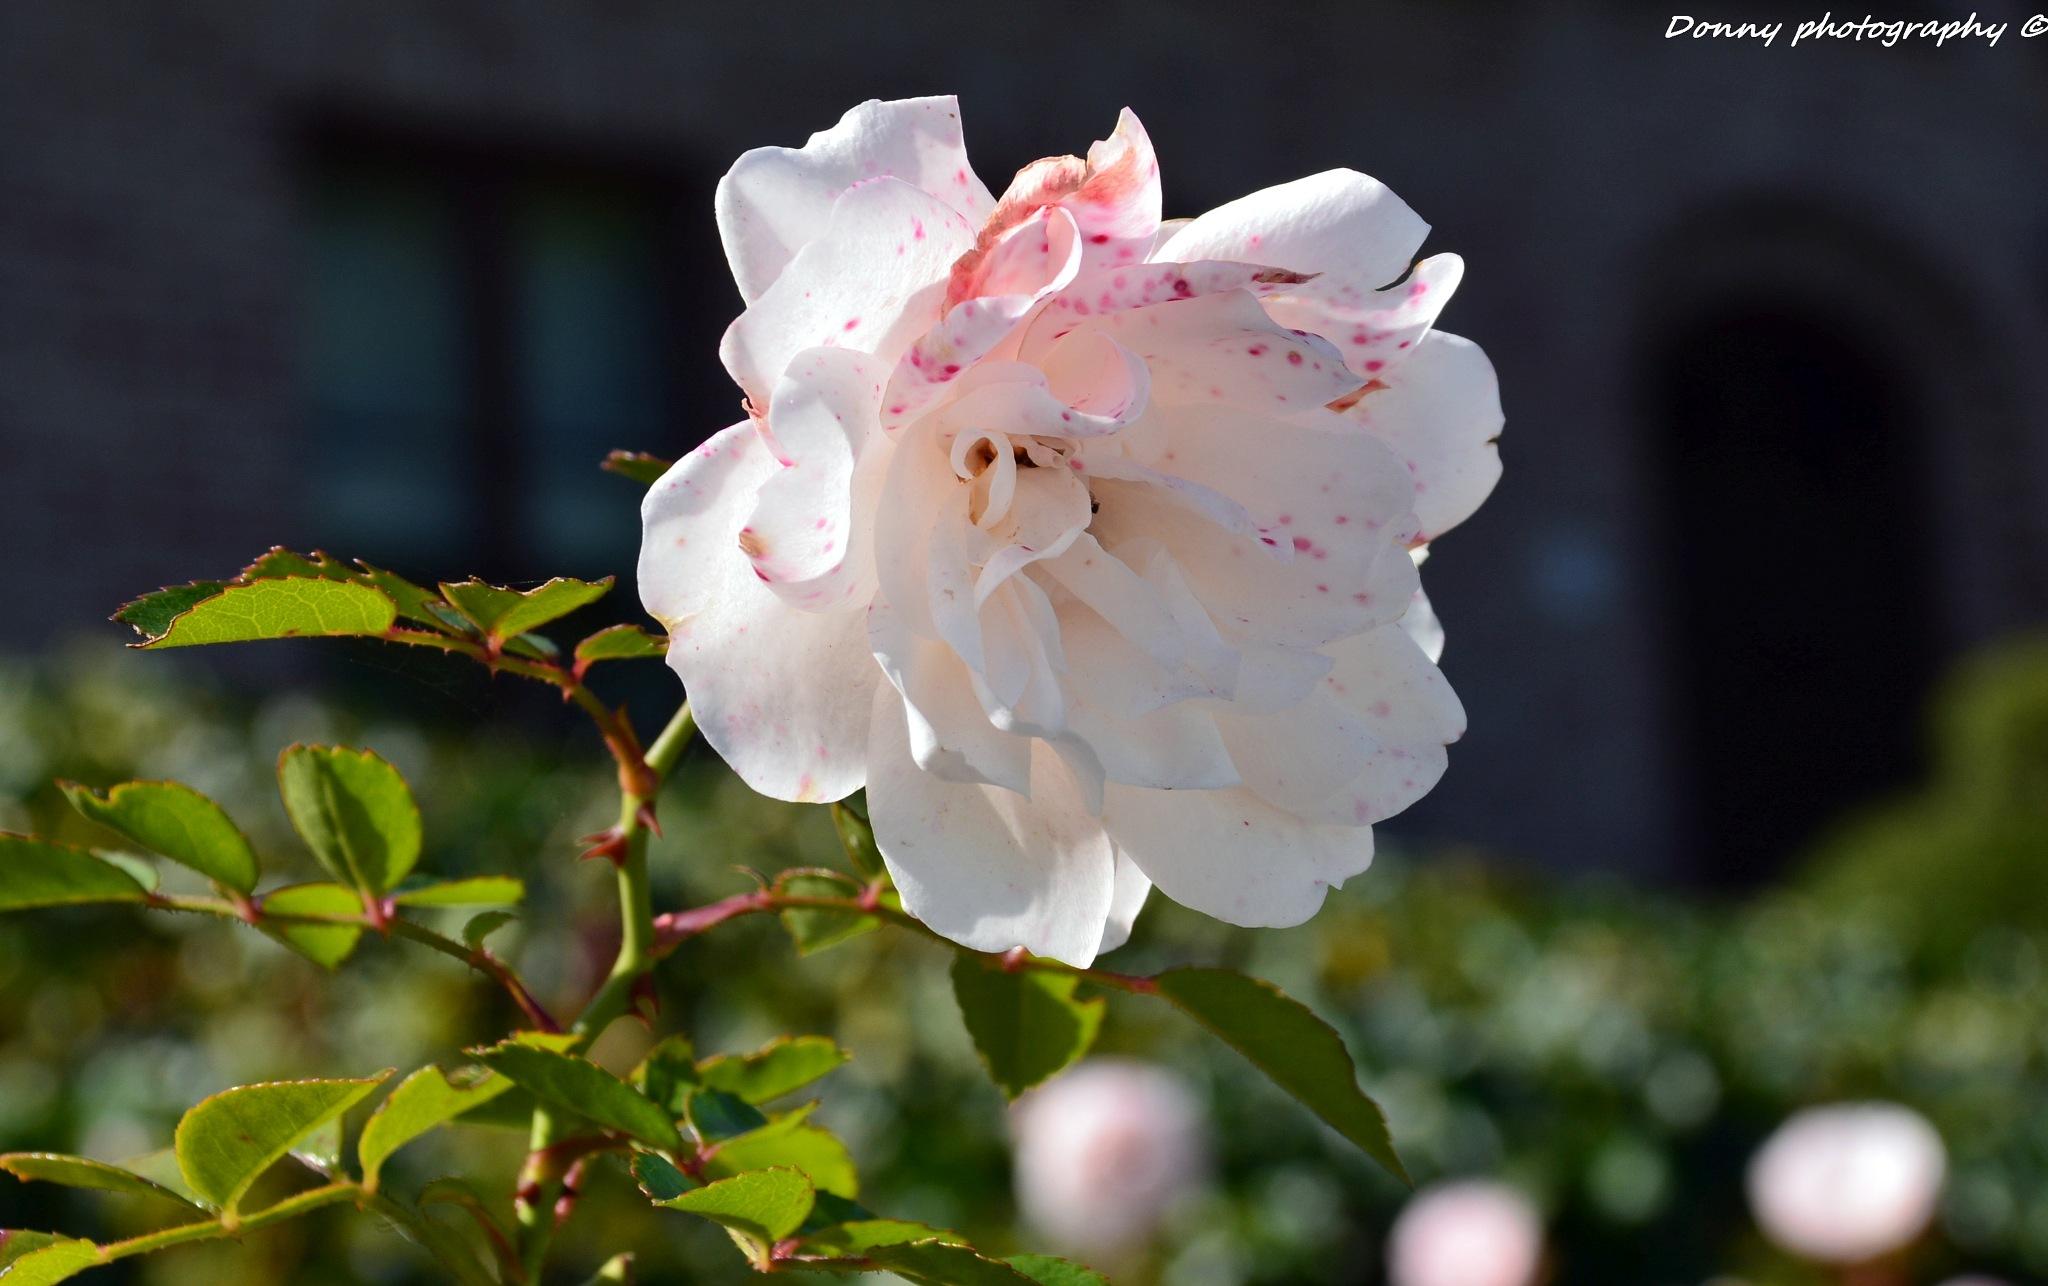 Mooie bloem  by Donny Zanders